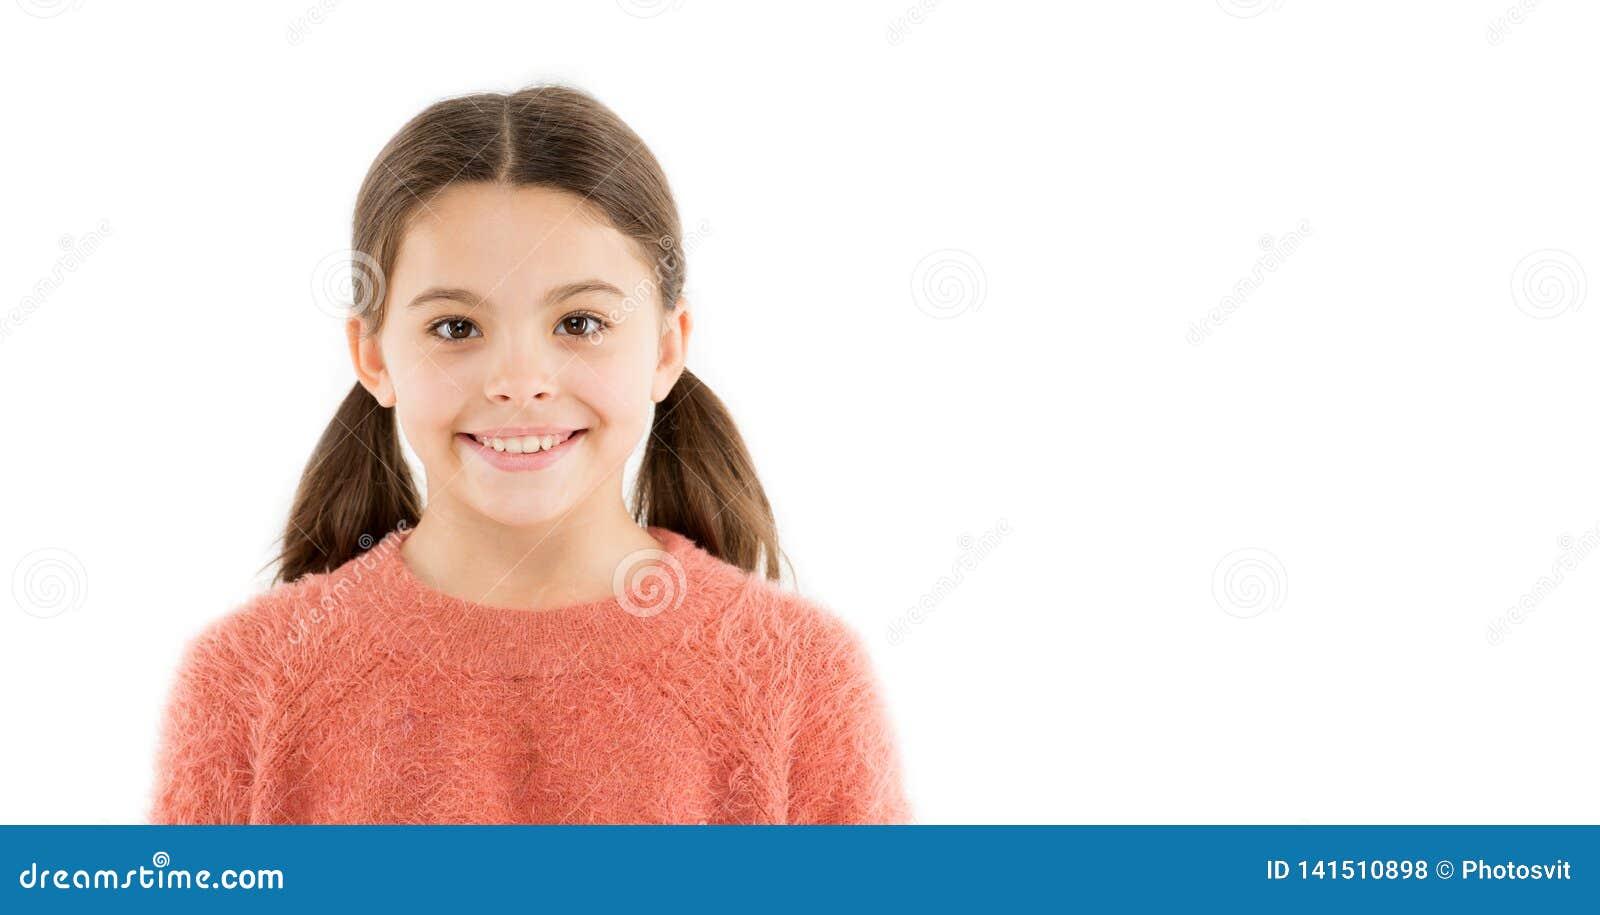 精采微笑 儿童愉快快乐享受童年 女孩可爱的微笑的愉快的面孔 迷住精采微笑的孩子